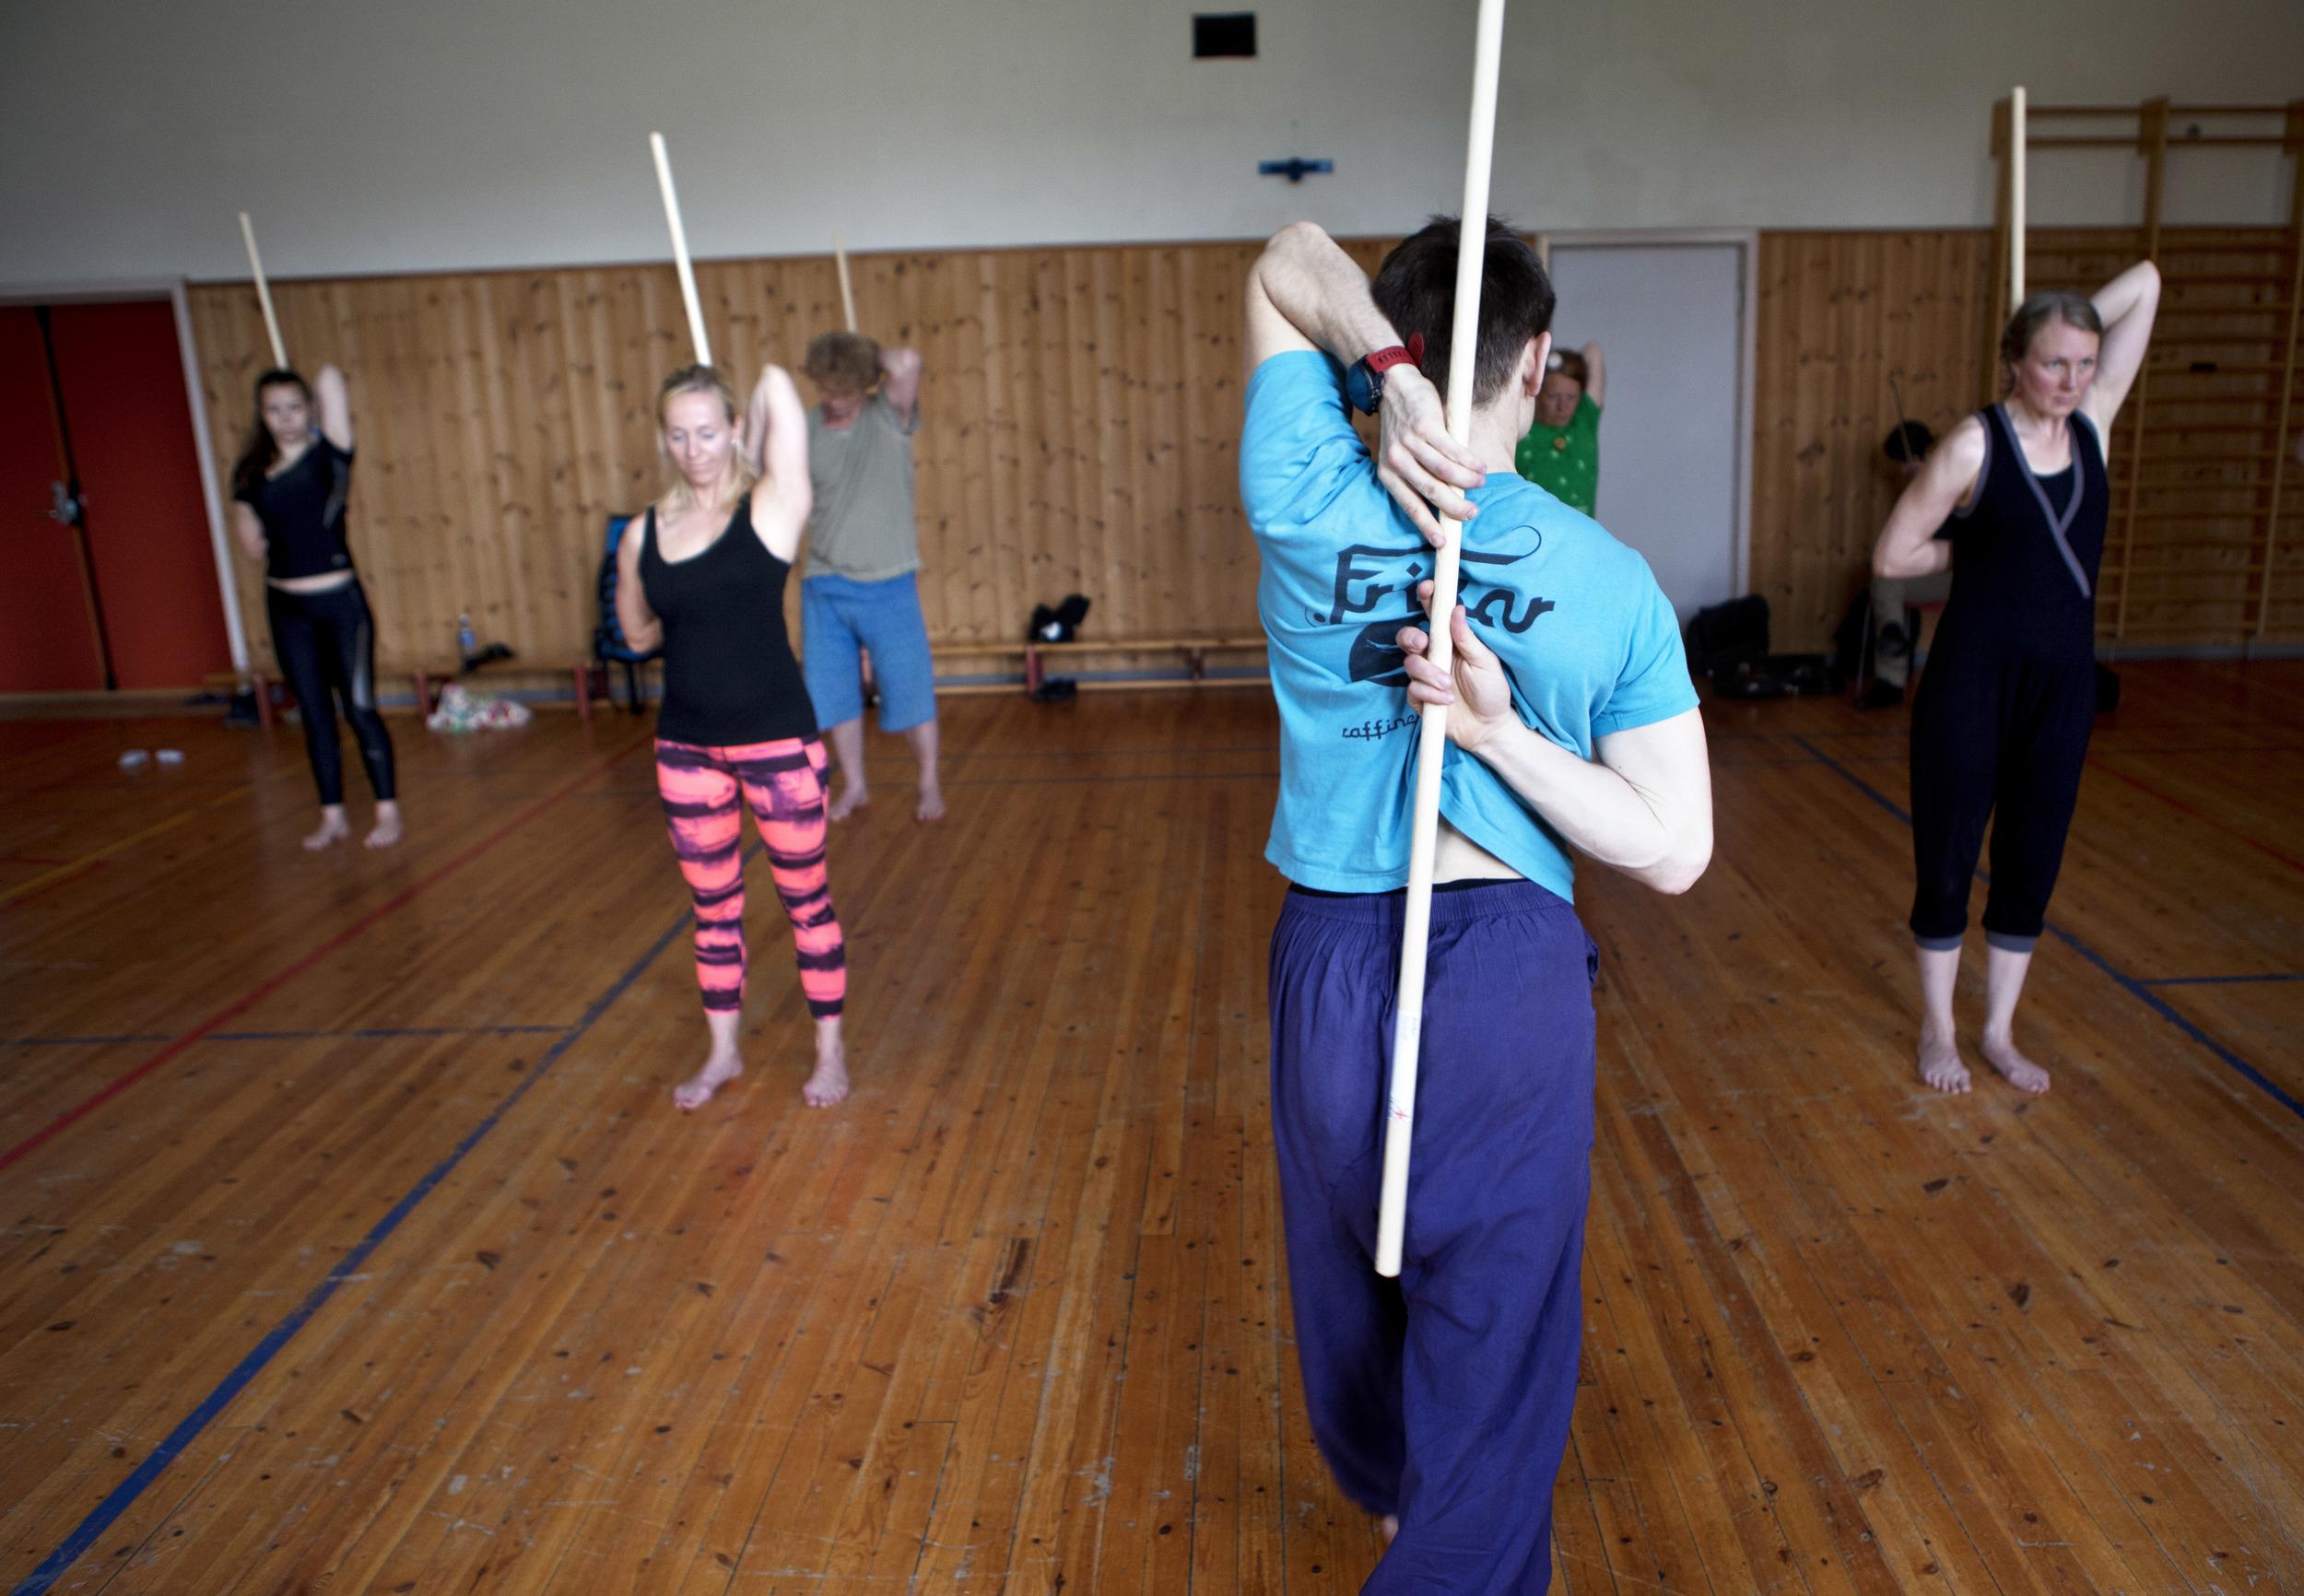 IMG_3741 - gokarma yoga - 2. juli - førde barneskule - heidi hattestein.jpg